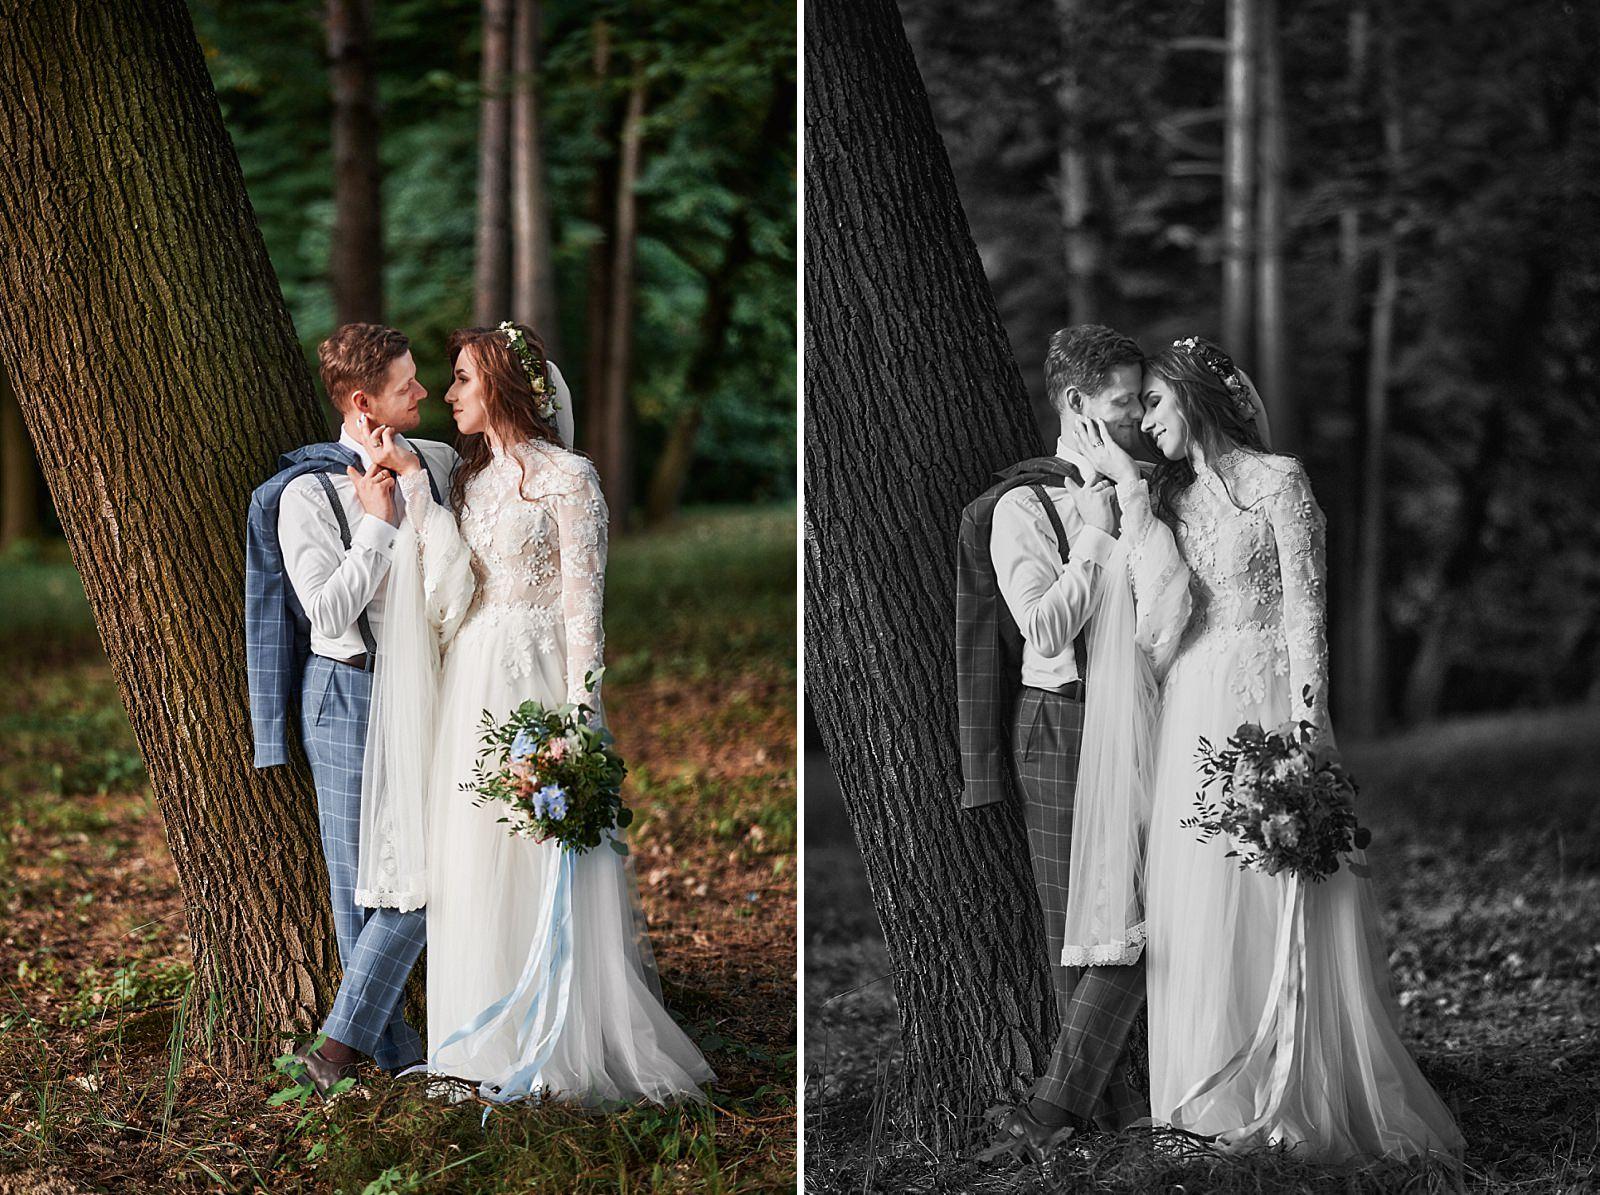 jaki garnitur do rustykalnego wesela